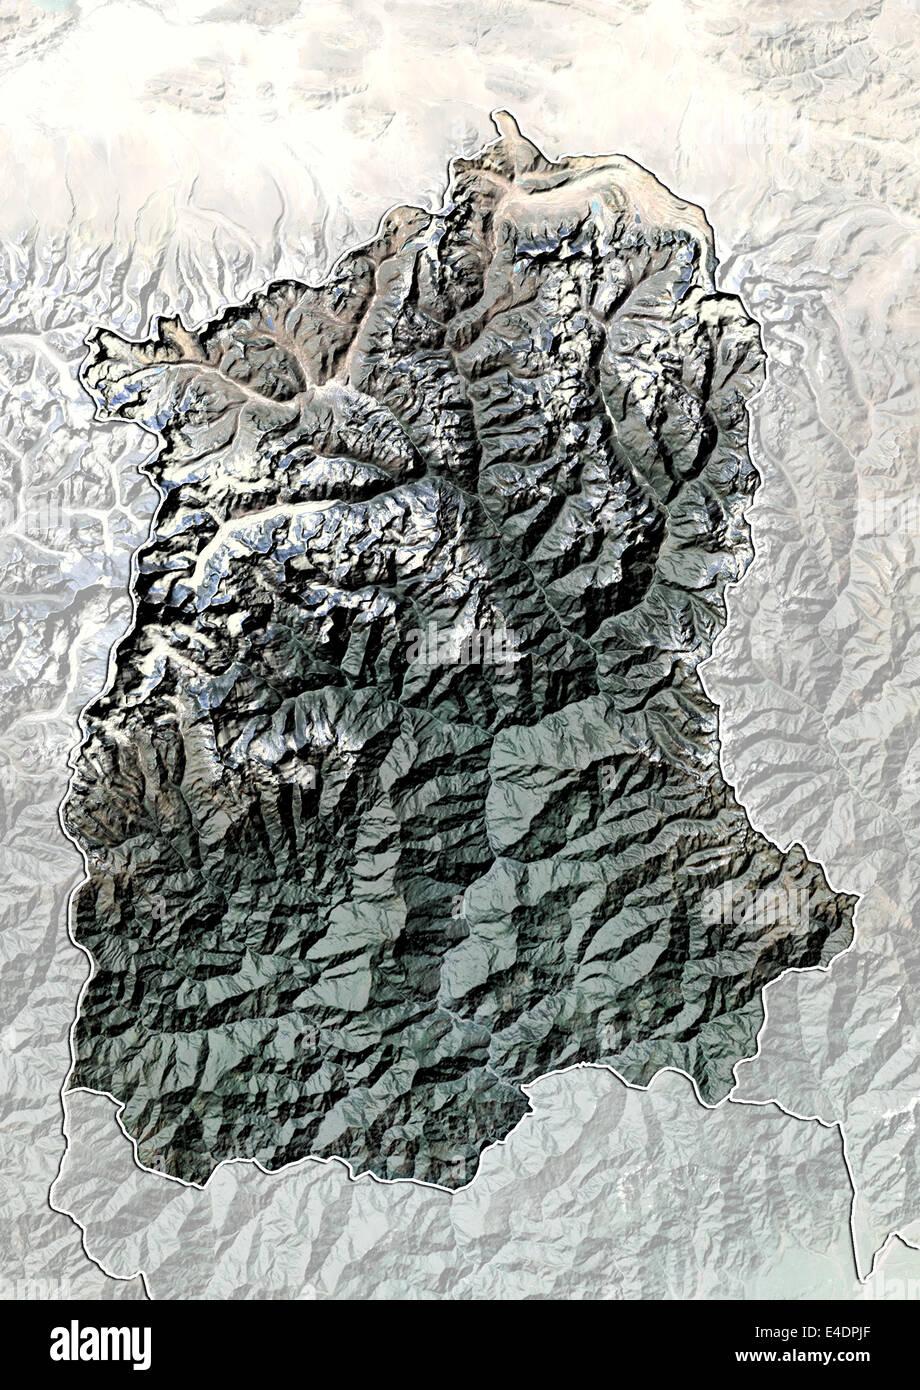 Carte Inde Sikkim.Sikkim Map Photos Sikkim Map Images Alamy